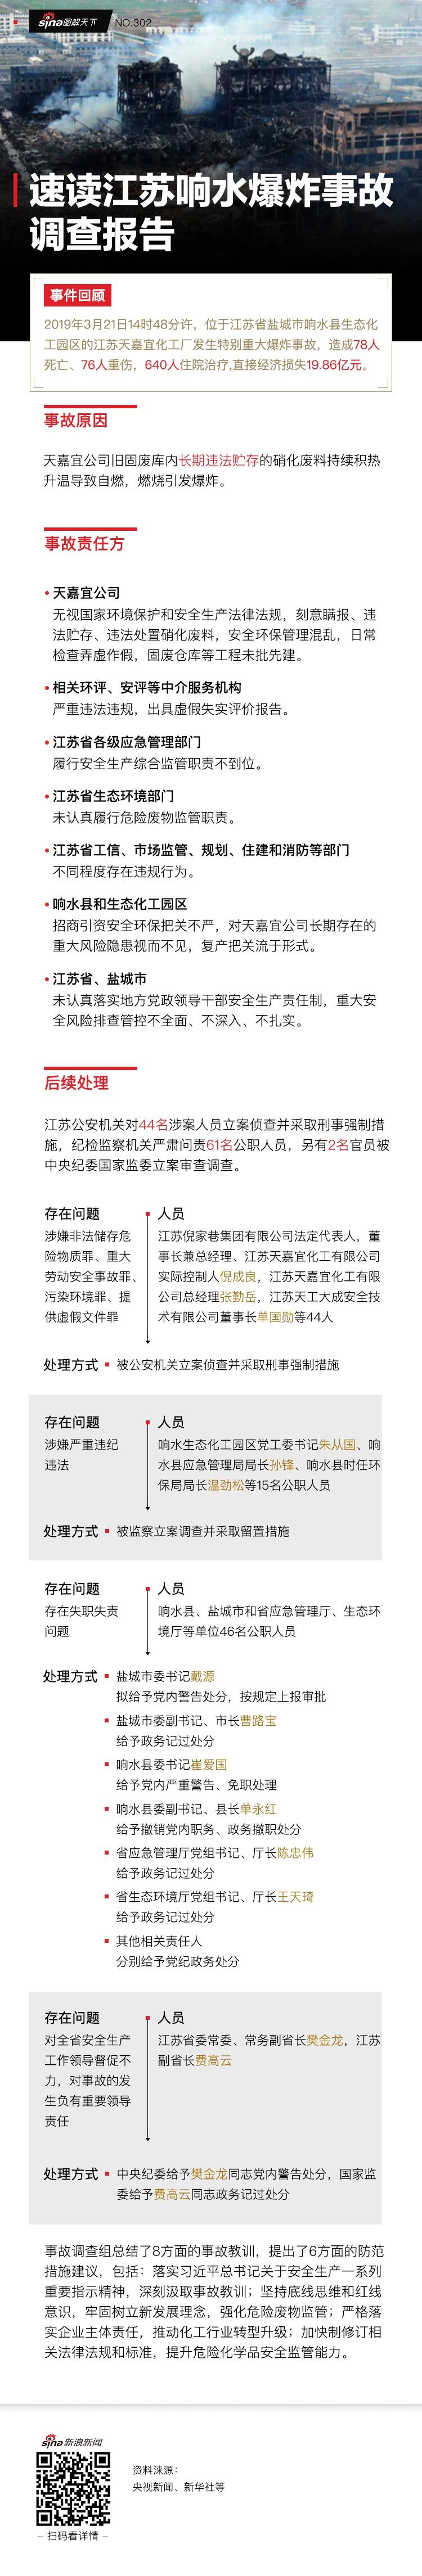 速读江苏响水爆炸事故调查报告丨新浪新闻图解天下